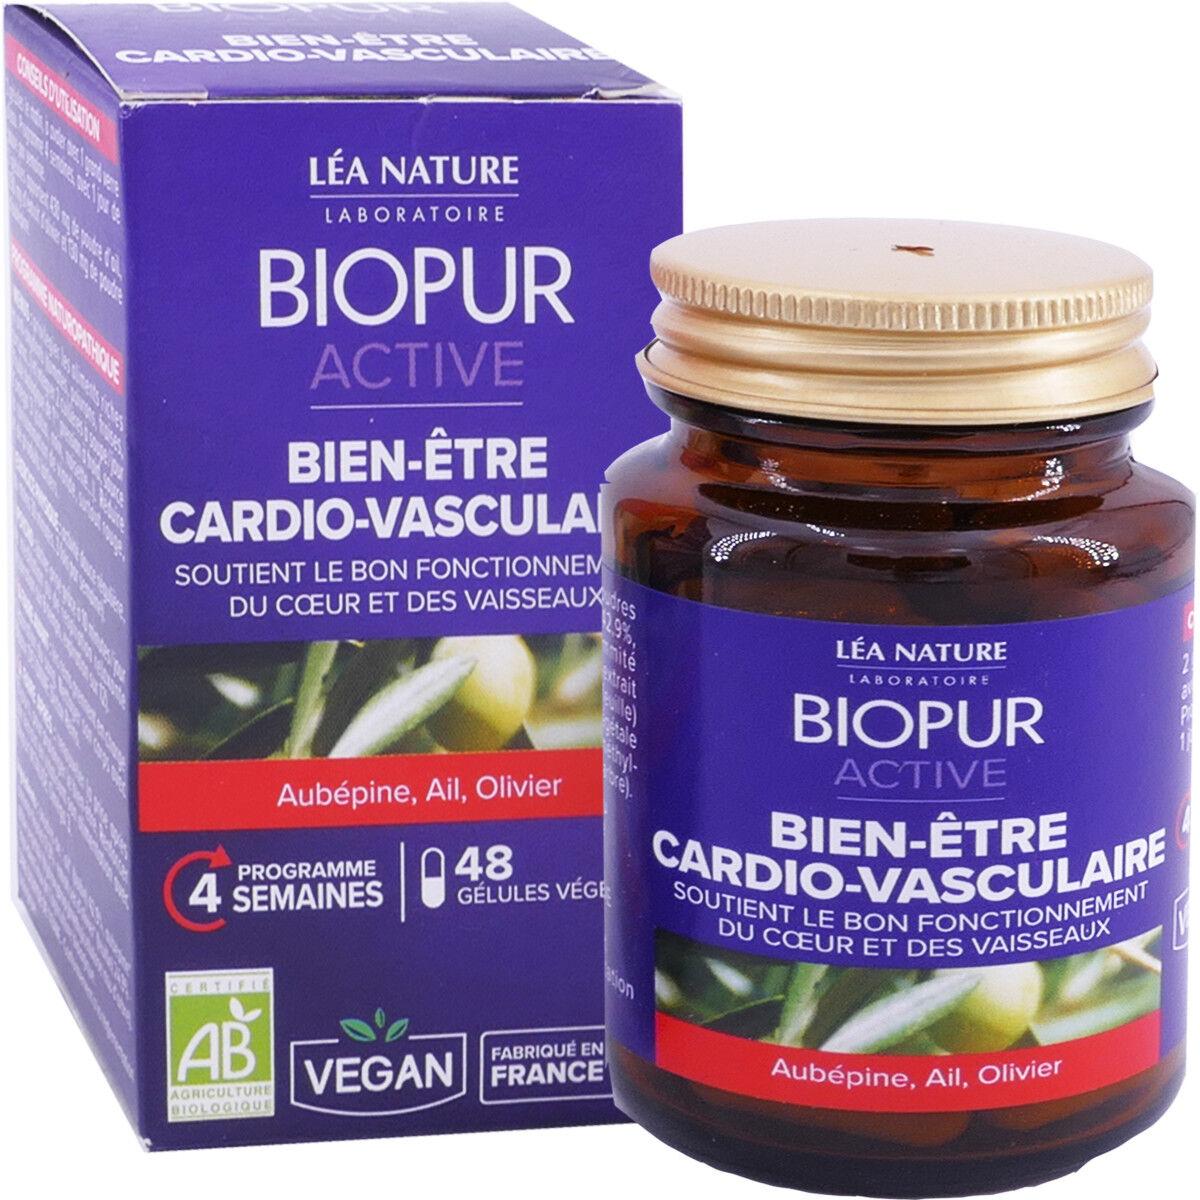 LEA NATURE Biopur cardio-vasculaire 48 gelules bio vegan